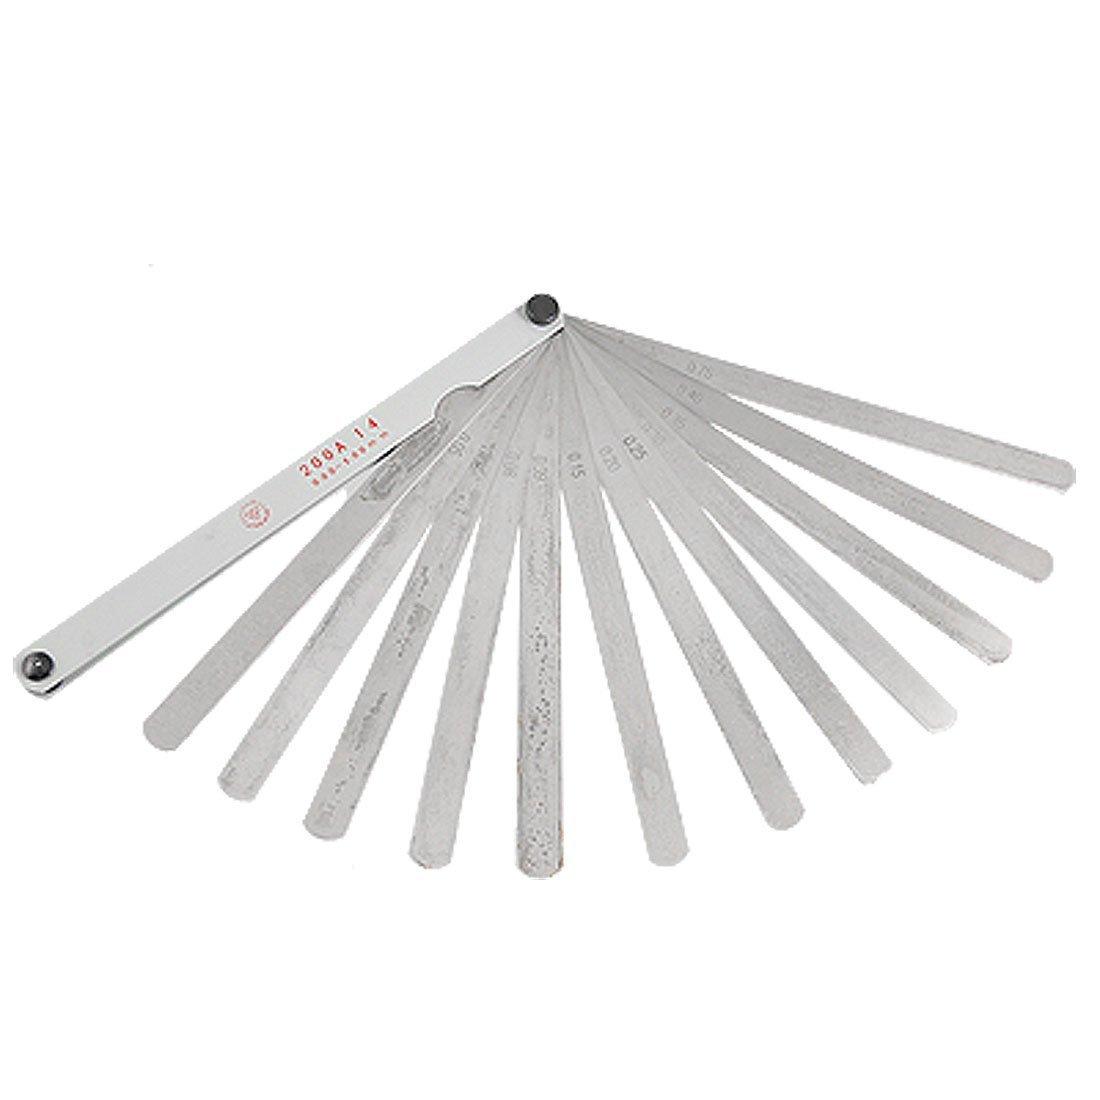 21, 5 cm Lä nge 0, 05– 1 mm Metric Gap Fü hlerlehre Measure Tool Sourcingmap a11090500ux0032